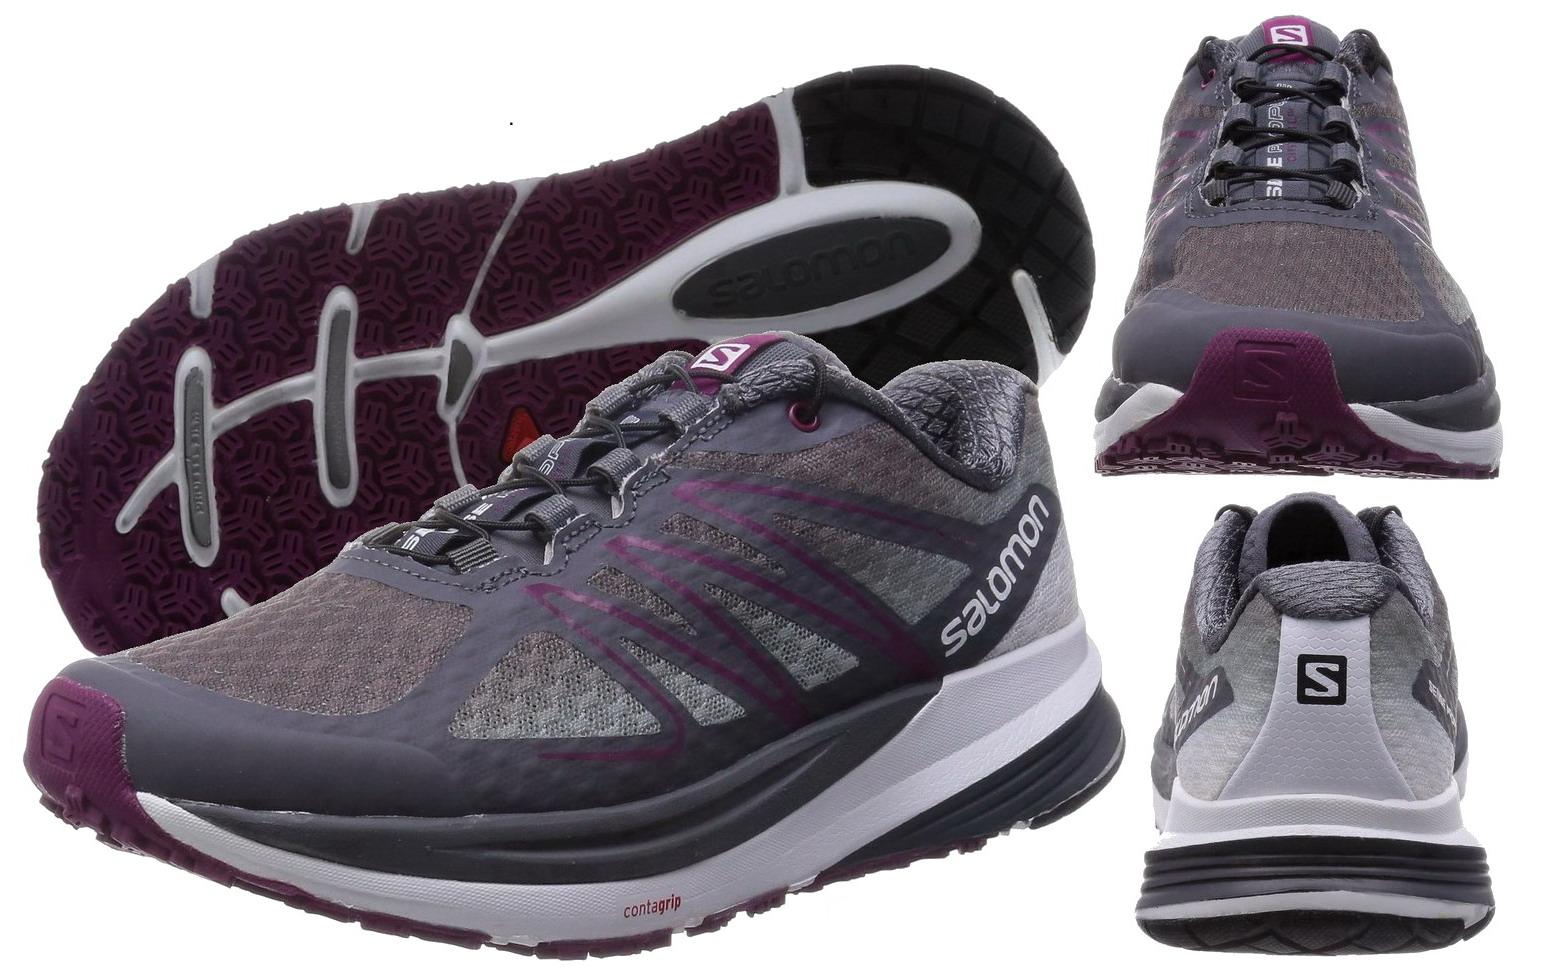 14f13918 Salomon Sense Propulse buty damskie biegowe 37 1/3 - 7412779227 ...